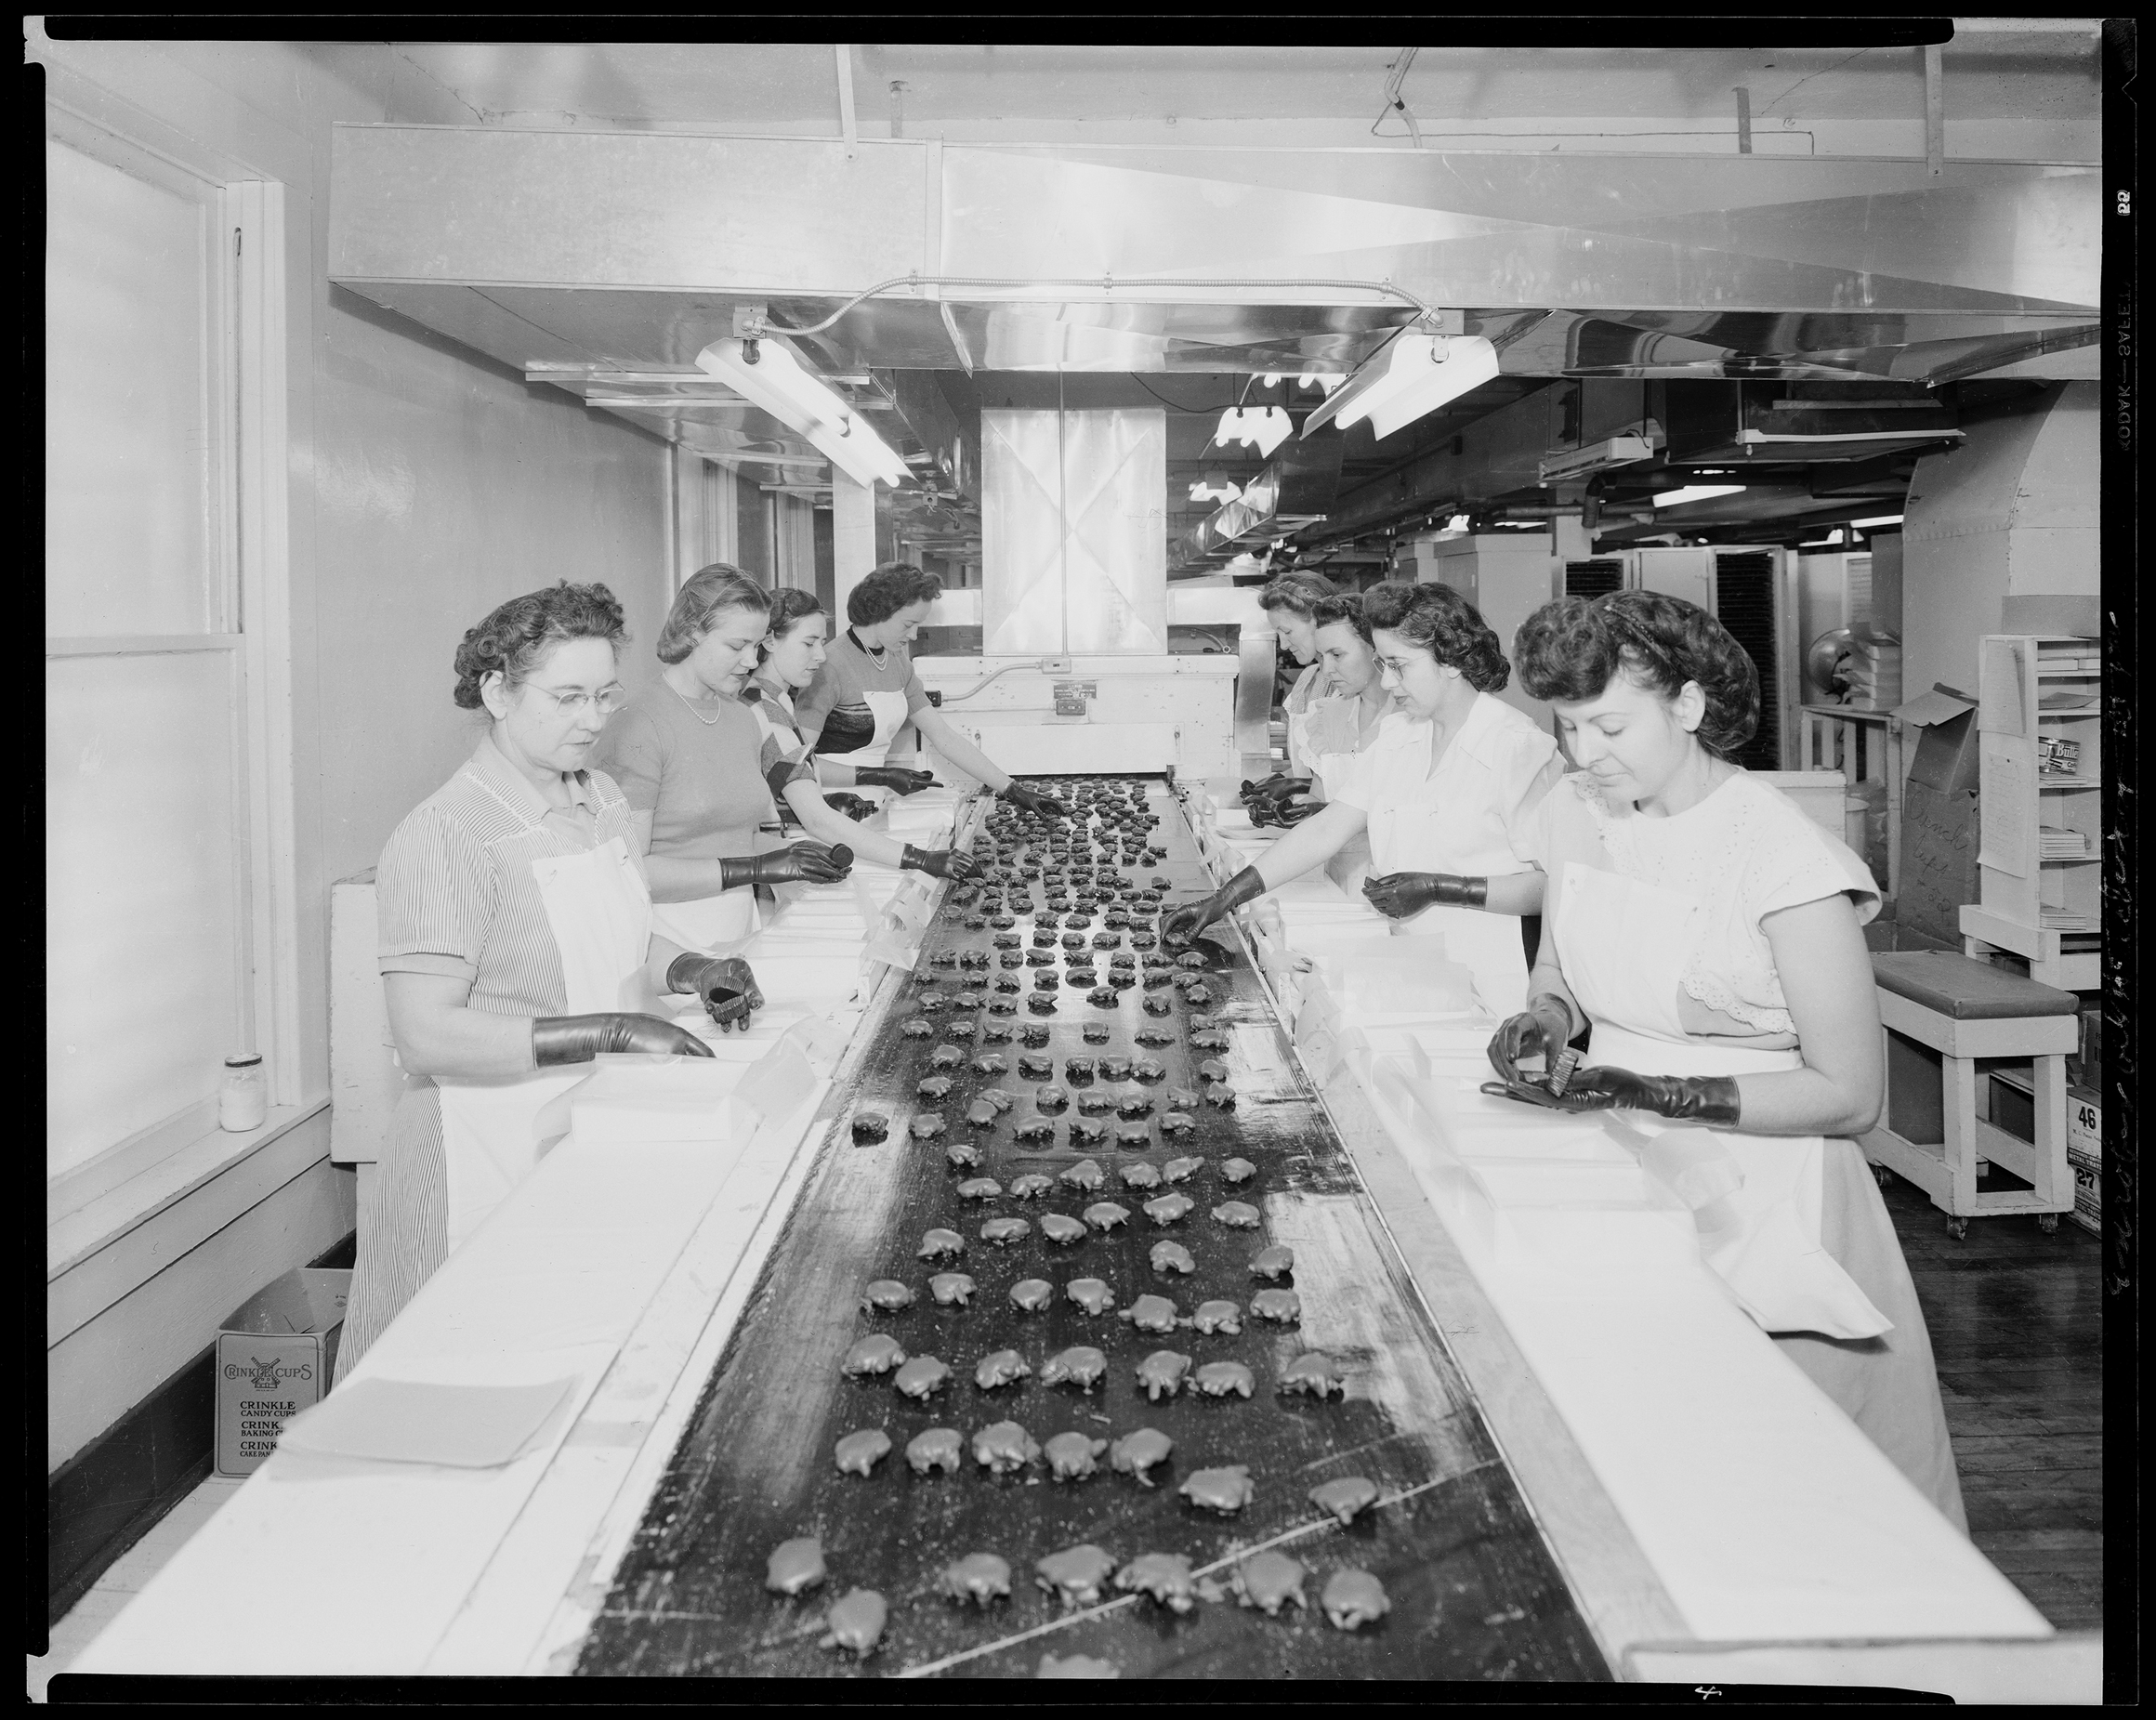 26 Gillen Boney Candy Factory